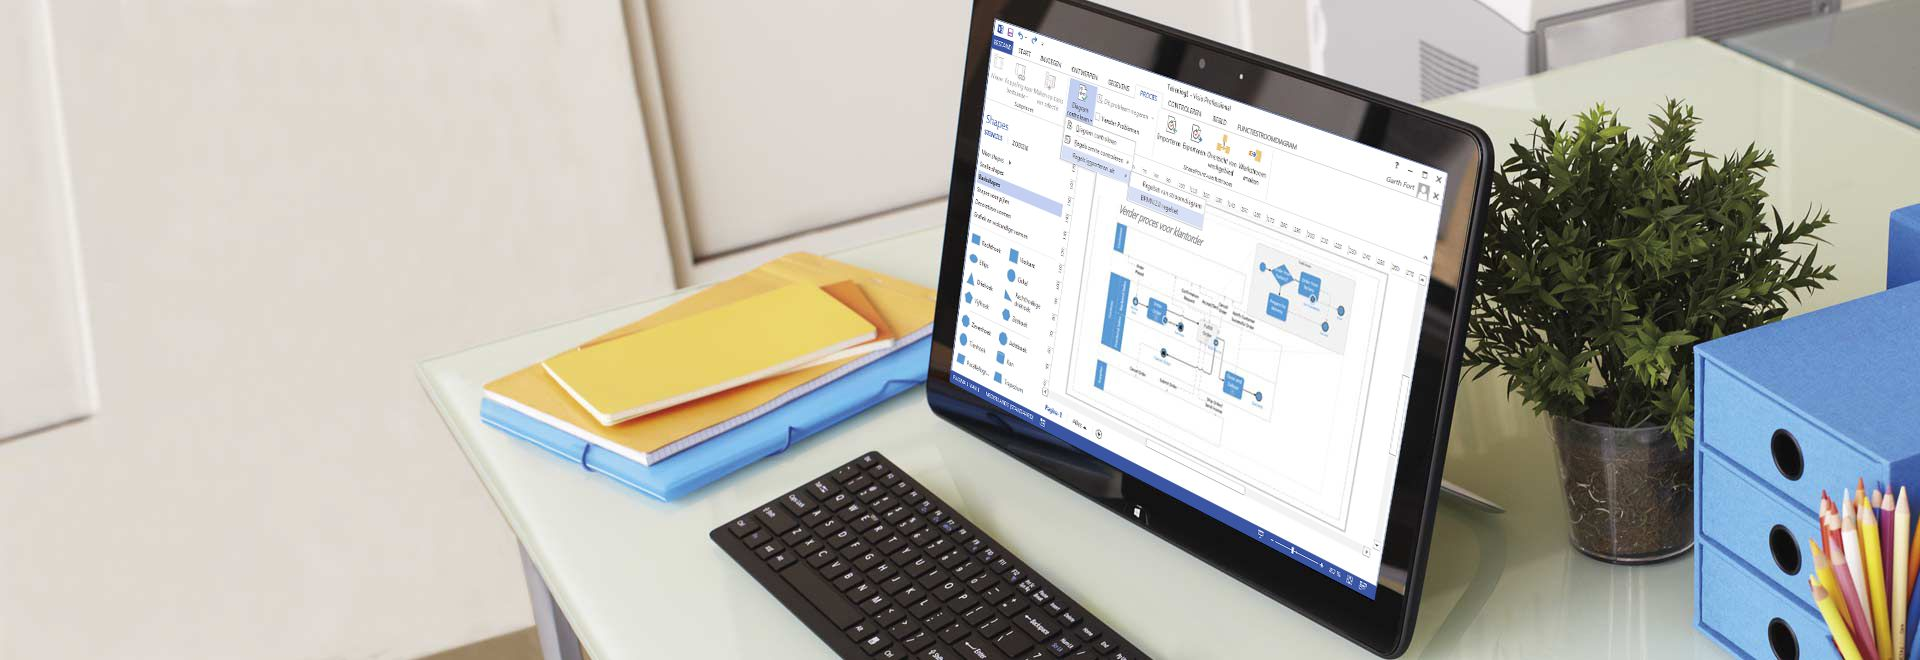 Een bureau met een tabletcomputer waarop een procesdiagram in Visio Professional 2016 wordt weergegeven